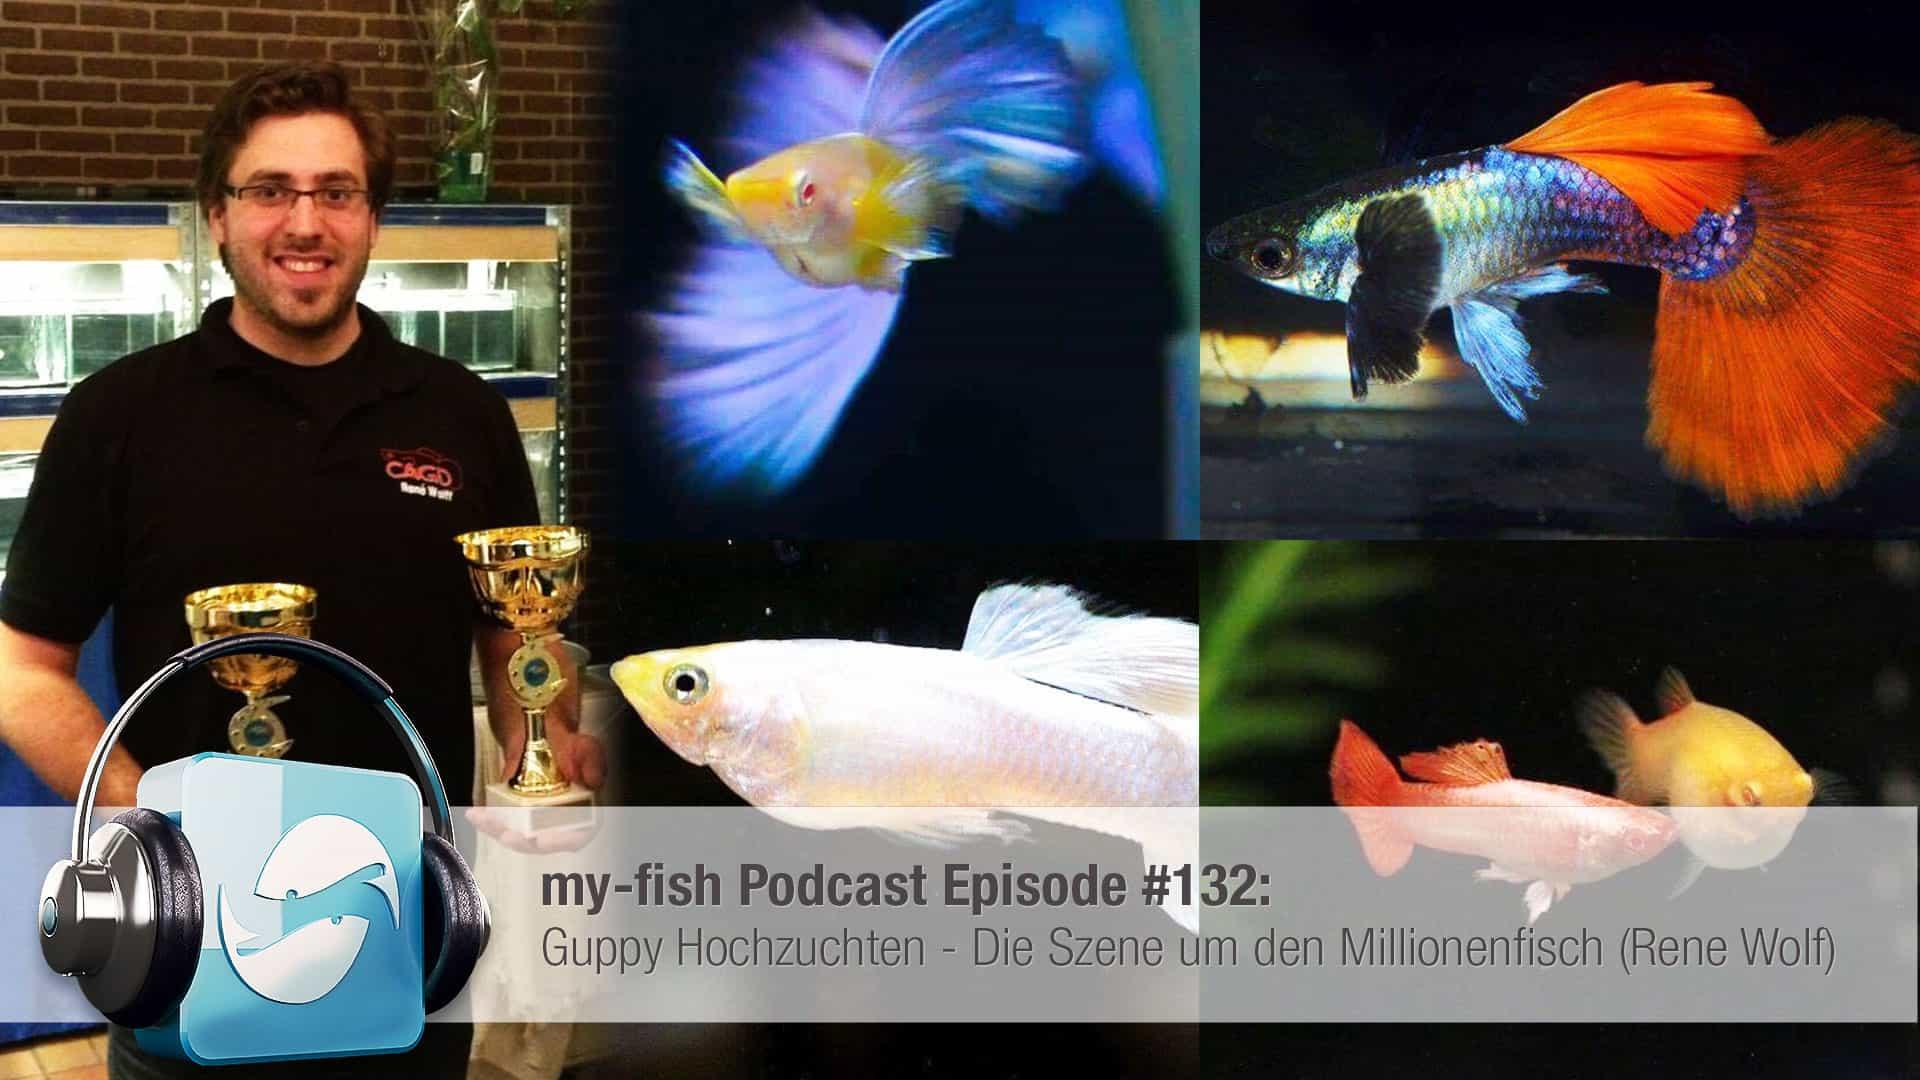 Podcast Episode #132: Guppy Hochzuchten - Die Szene um den Millionenfisch (Rene Wolff) 1